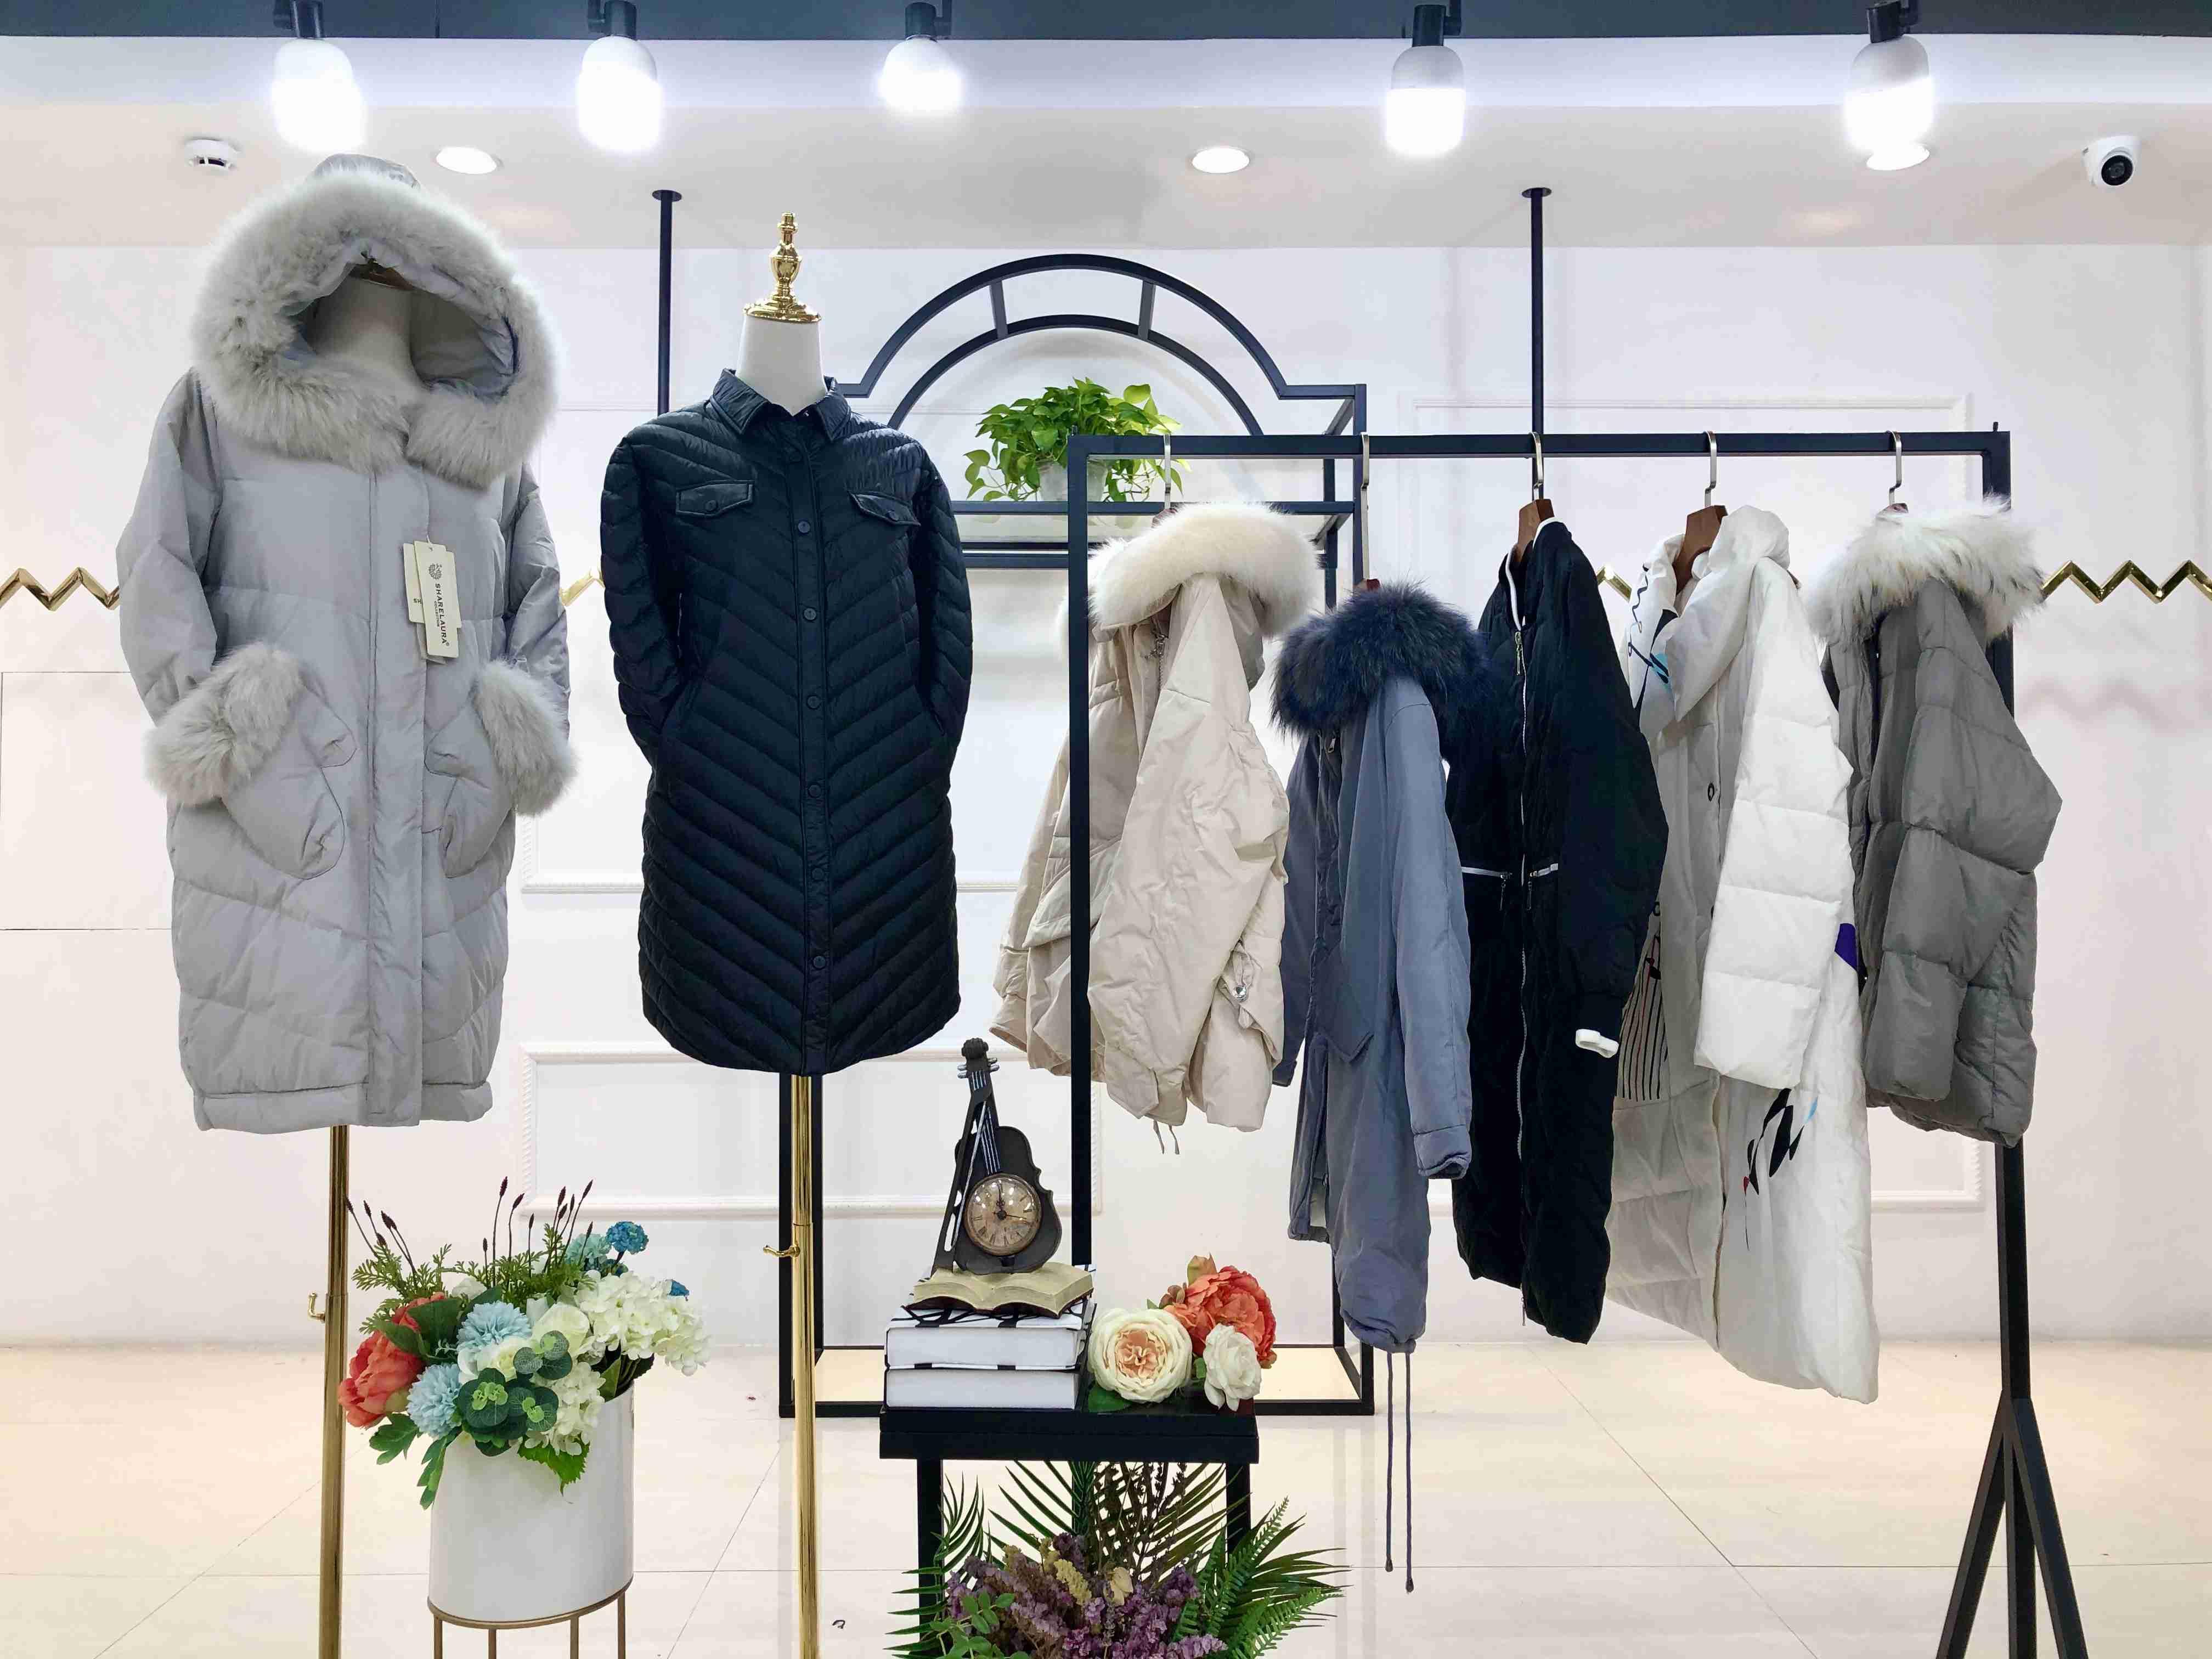 時尚女裝新款品牌艾.零度羽絨服19冬裝品牌折扣尾庫存批發